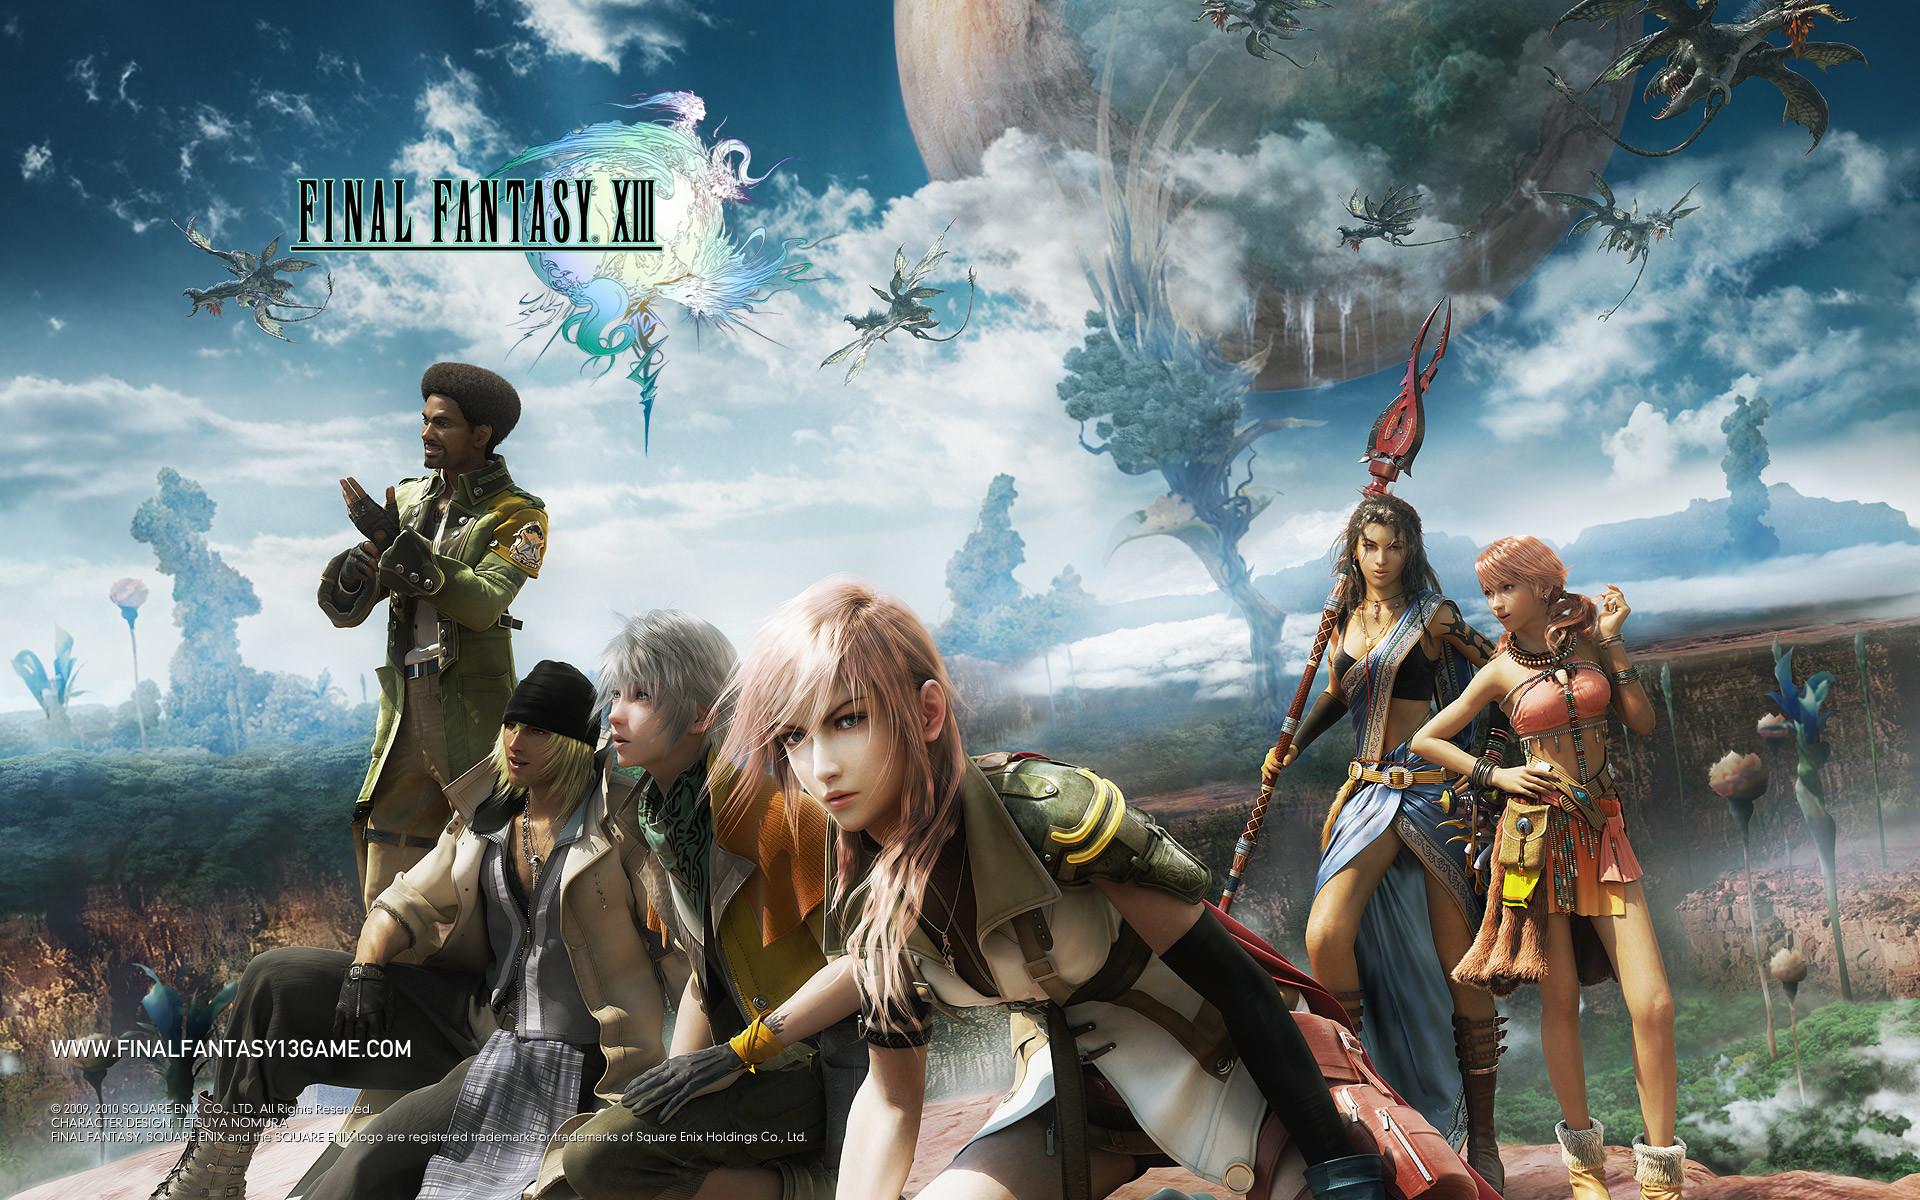 1920x1080 Final Fantasy XIV FFXIV Wallpaper The Final Fantasy